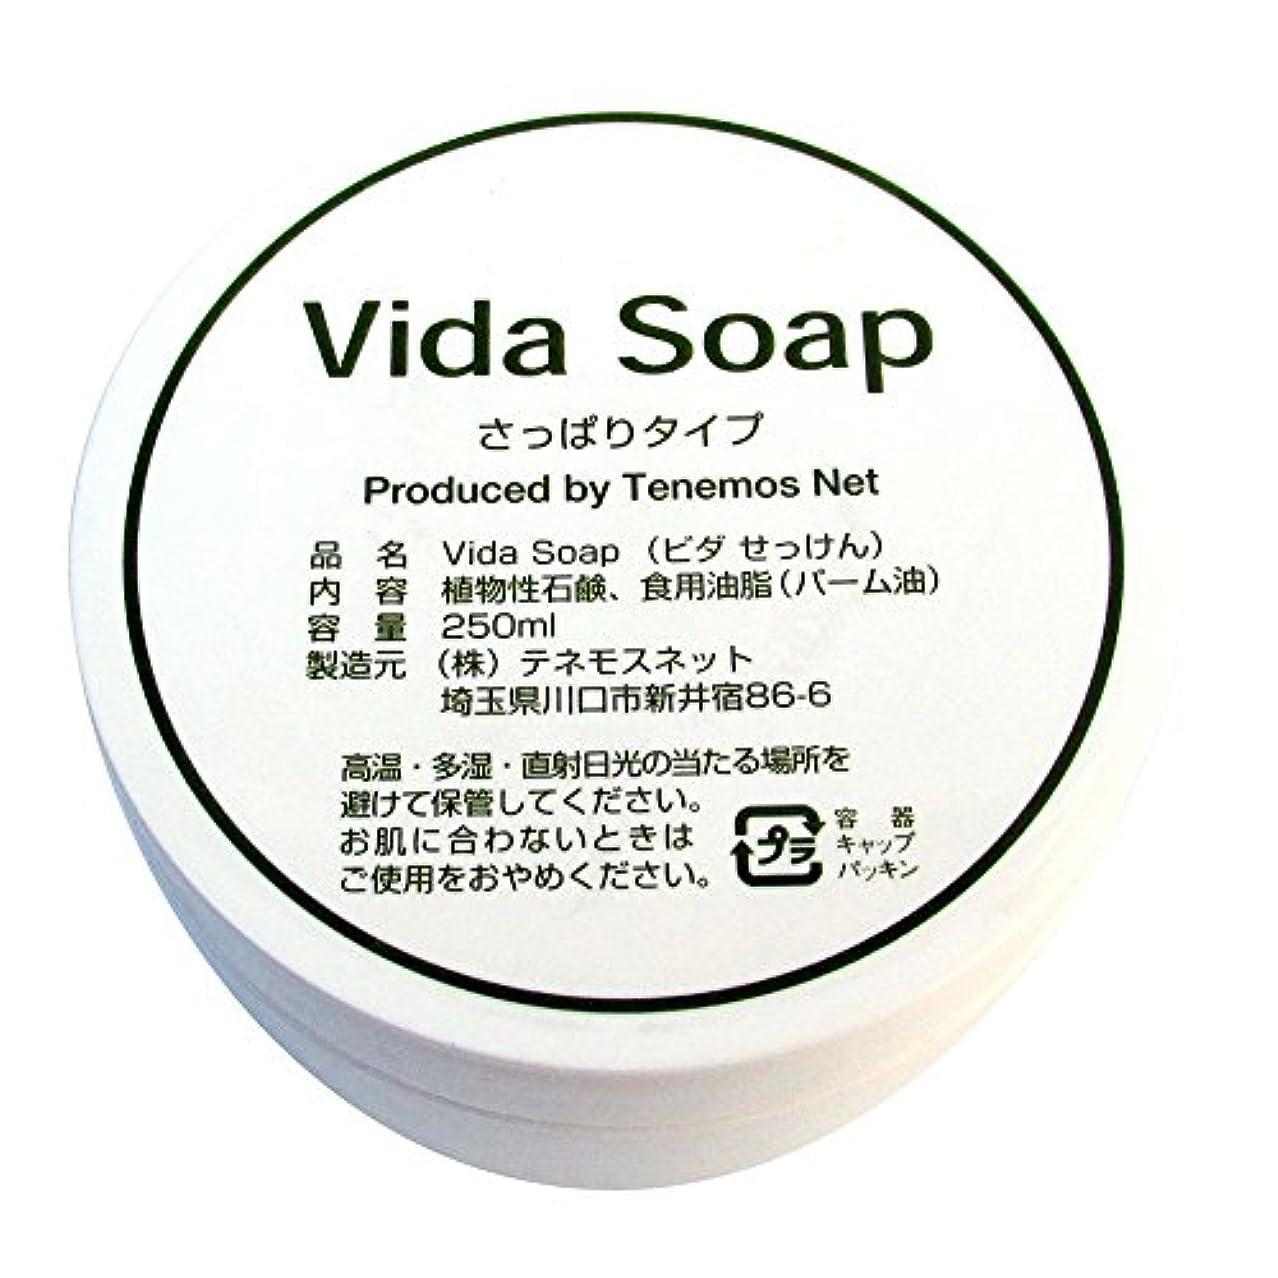 代わりの拾うマグテネモス ビダせっけん Vida Soap さっぱりノーマル 植物性 250ml